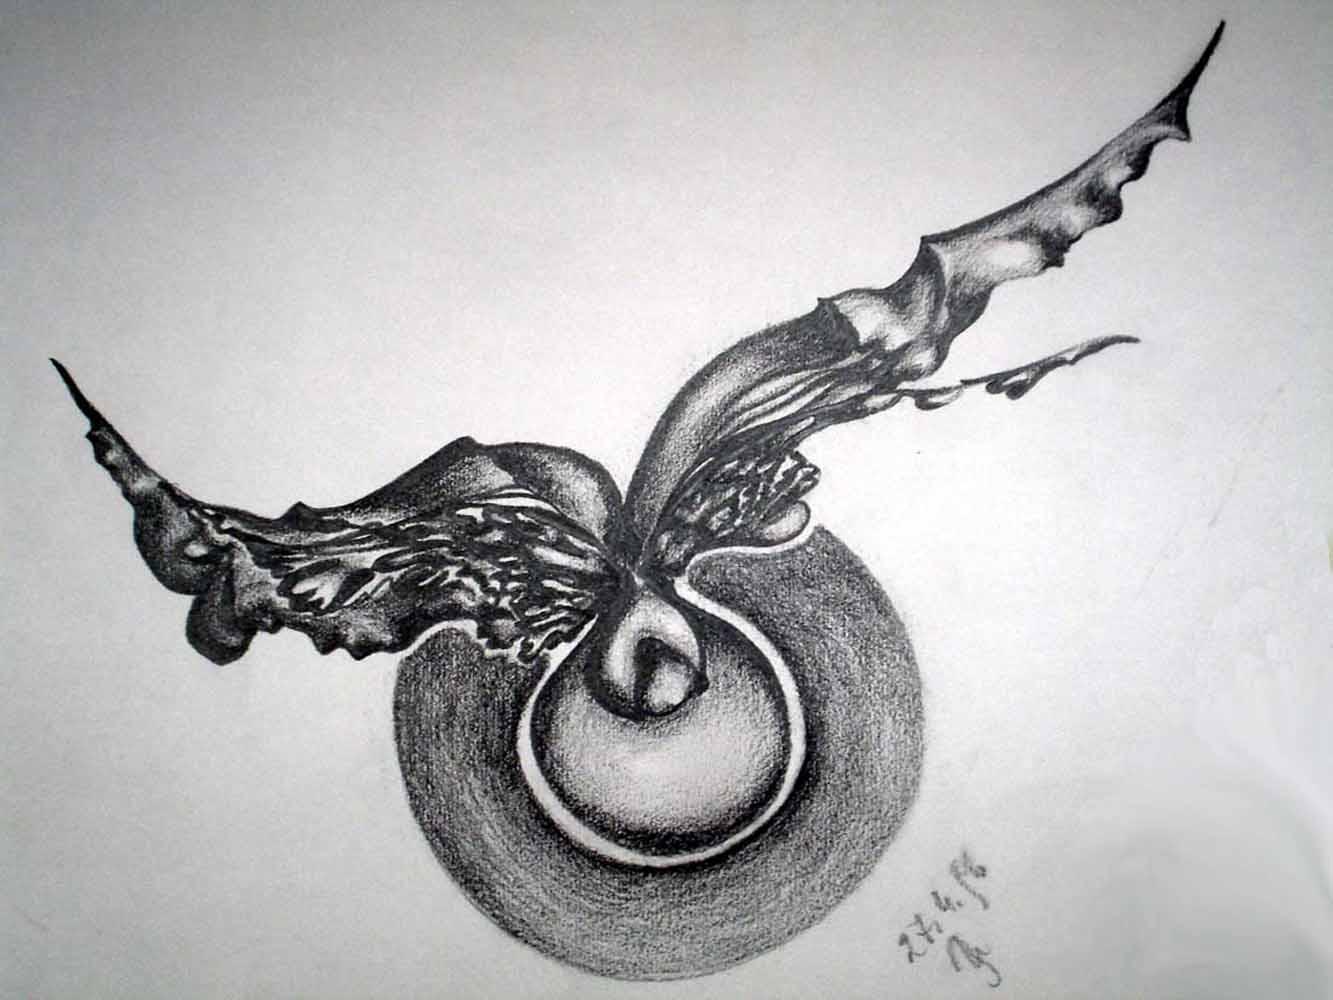 Frei_1996_Grafit